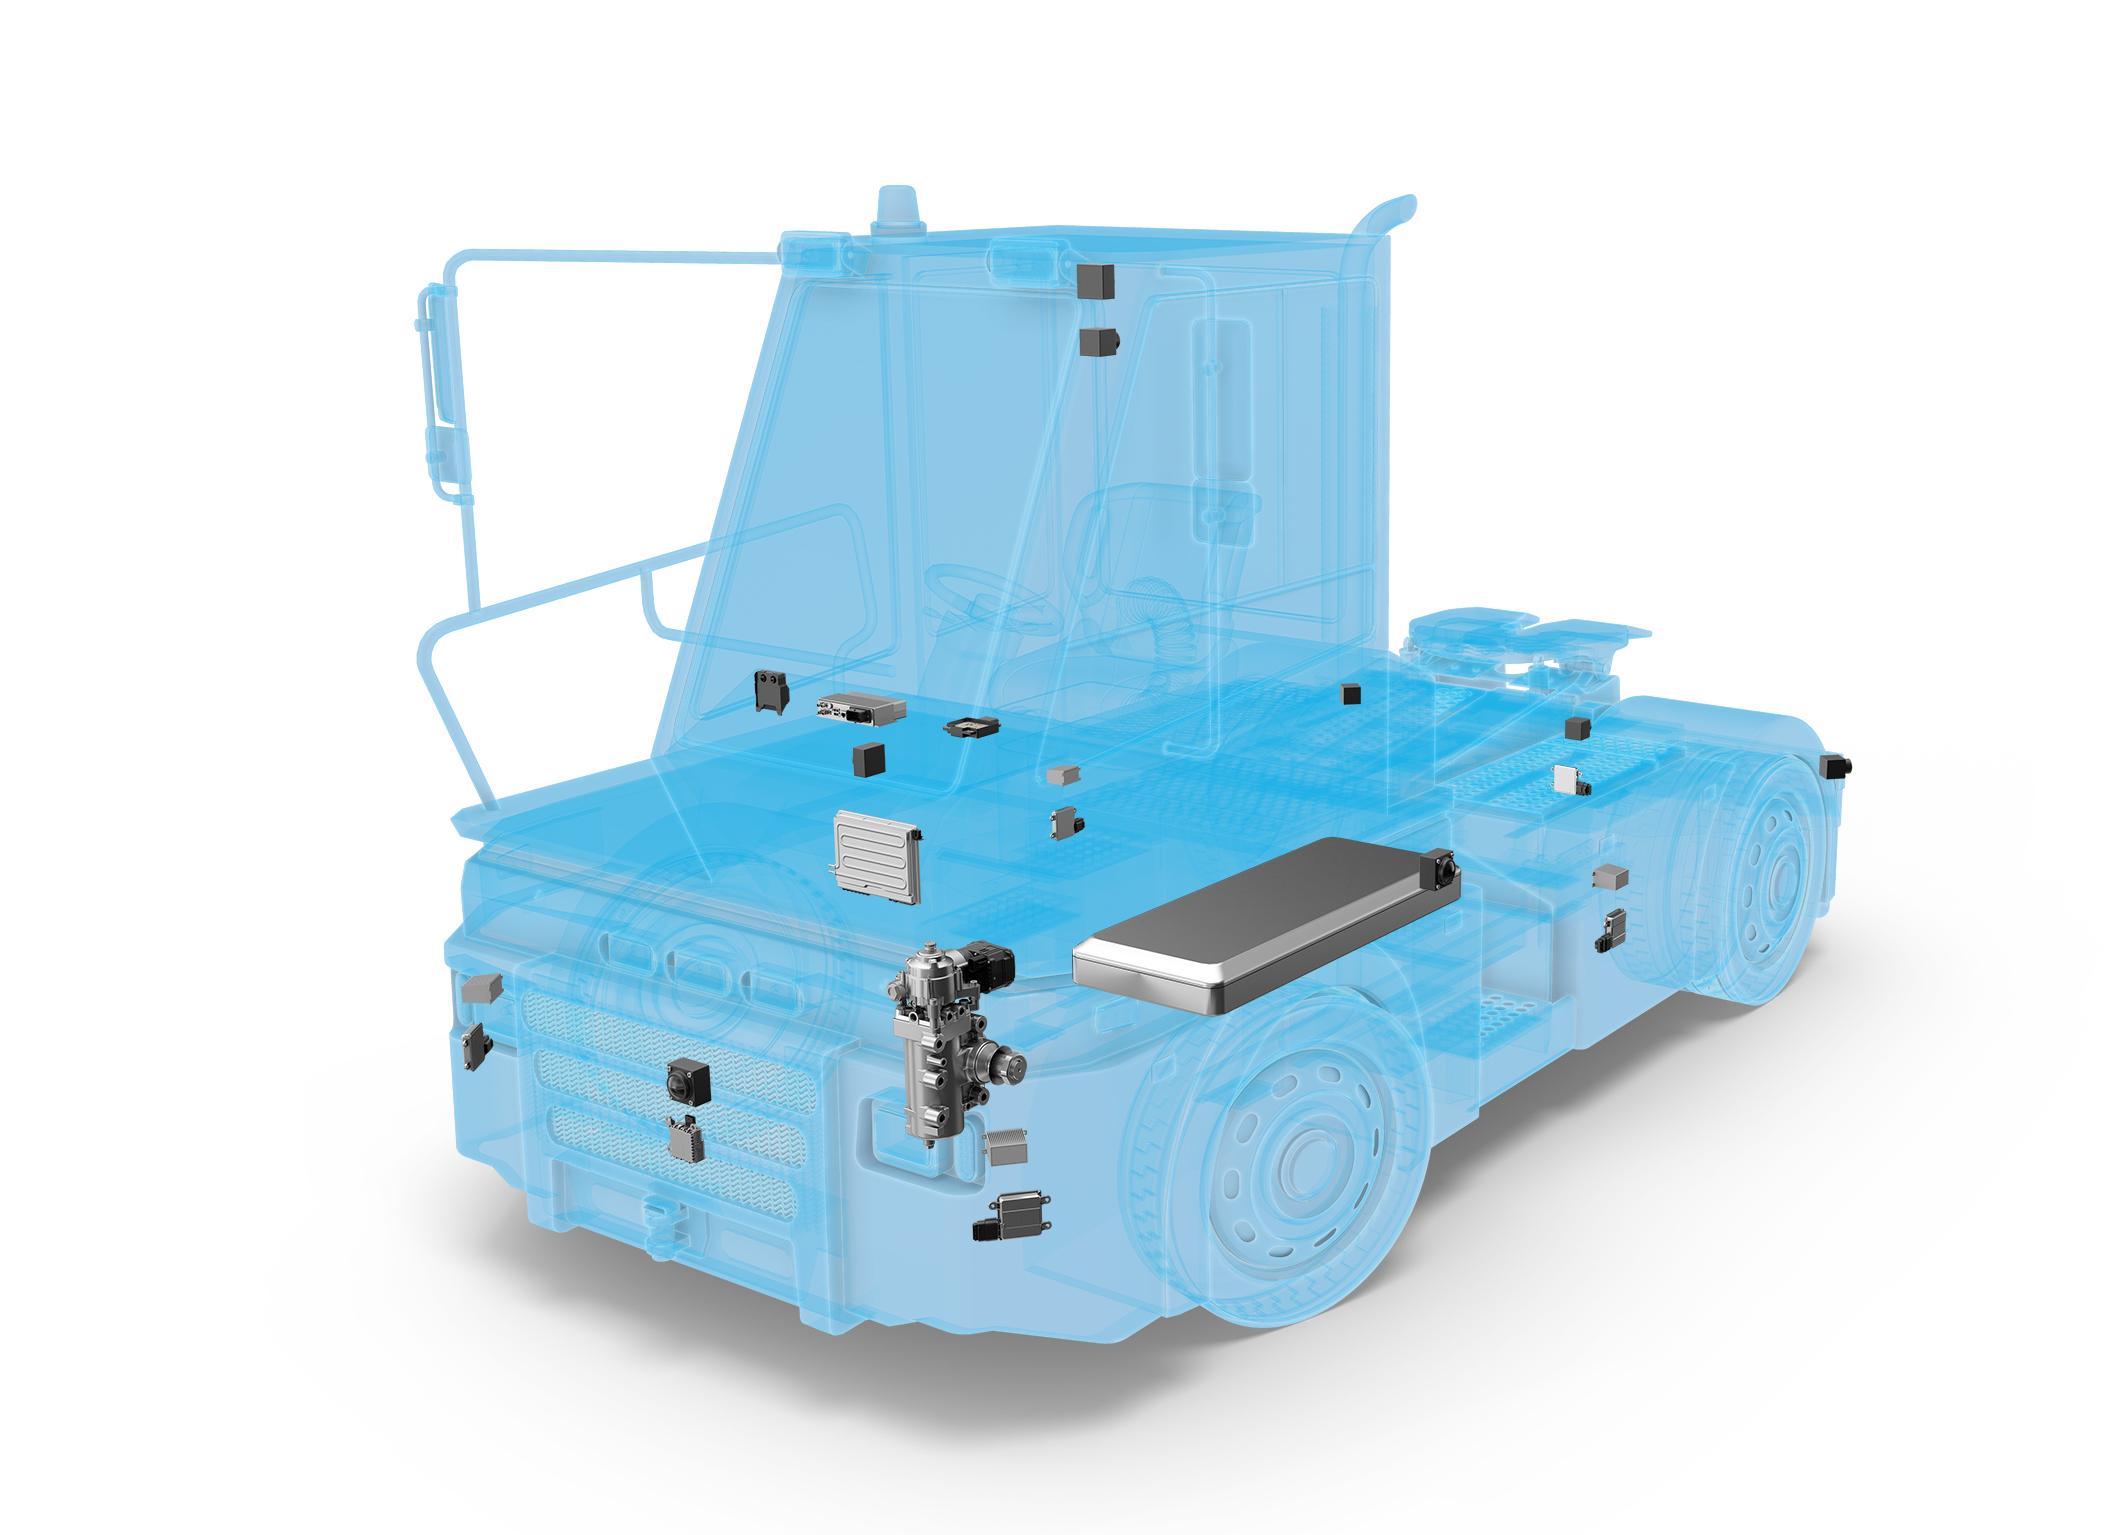 Systemkompetenz von ZF macht Logistik intelligent: Das erweiterte Sensor-Set lässt den Terminal Yard Tractor seine Umgebung im Blick behalten, der Zentralcomputer ZF ProAI koordiniert alle Funktionen der Längs- und Querführung.